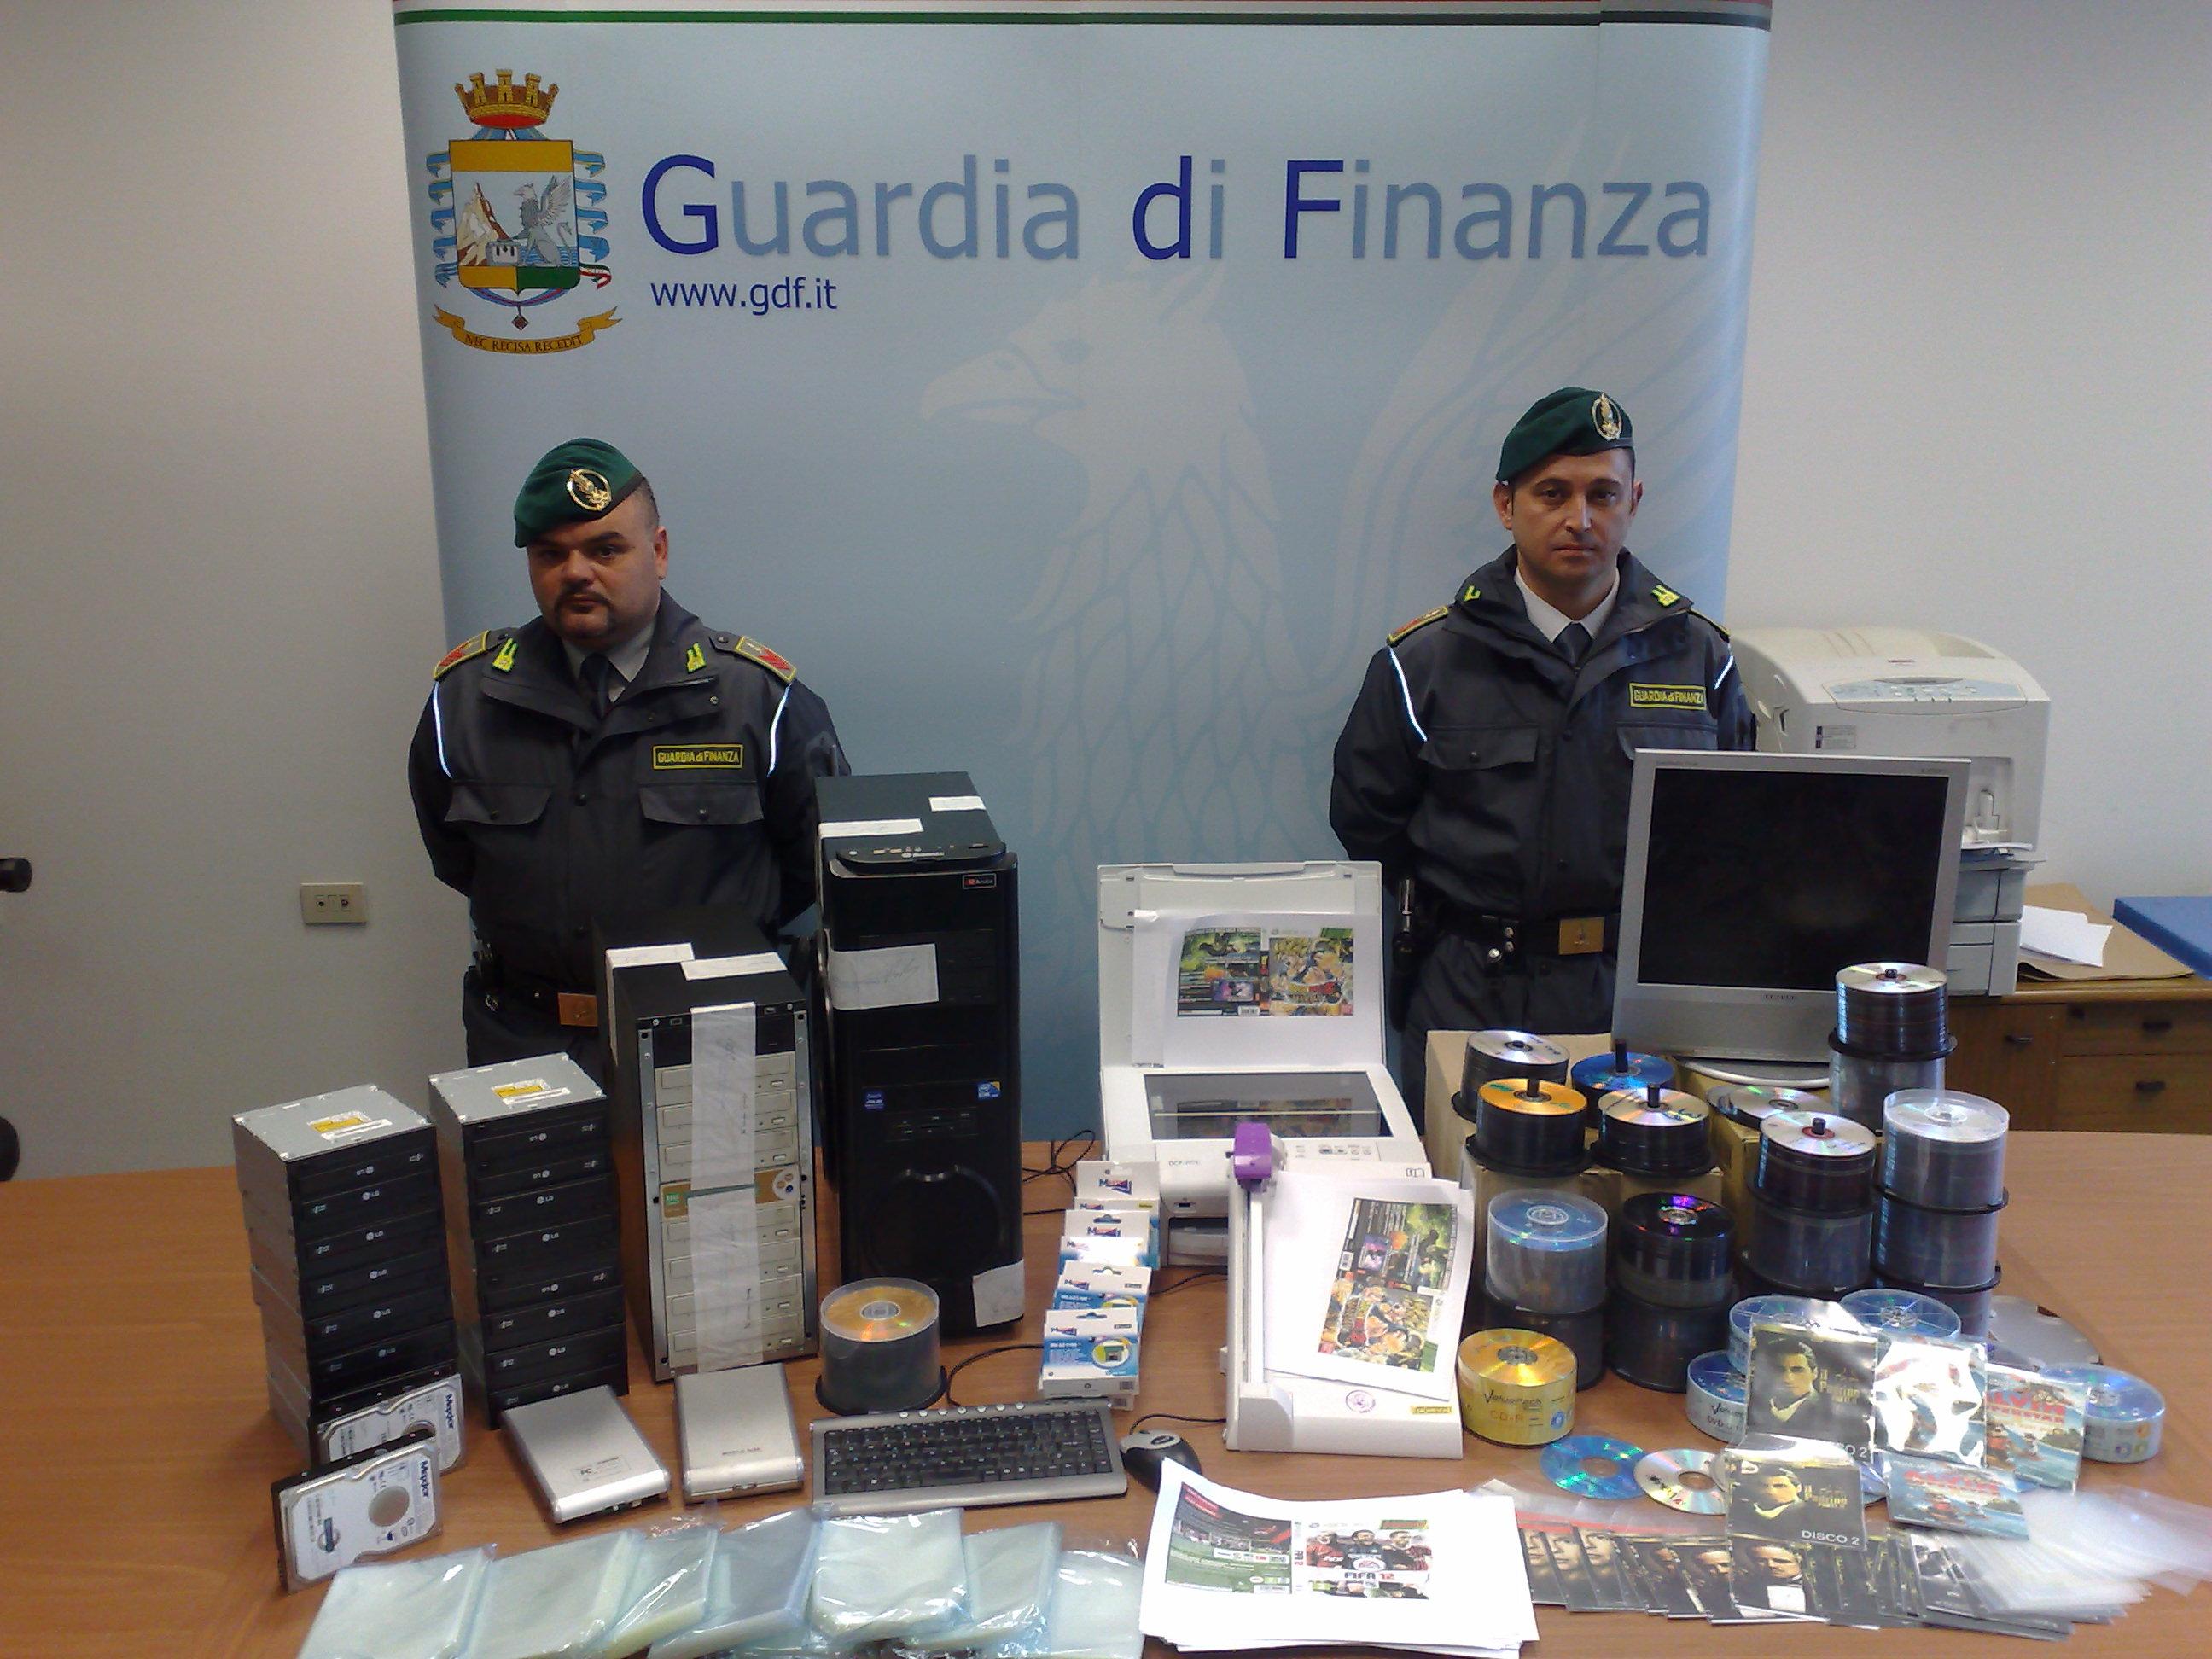 Sequestro di abbigliamento contraffatto, la Guardia di Finanza li dona in beneficenza